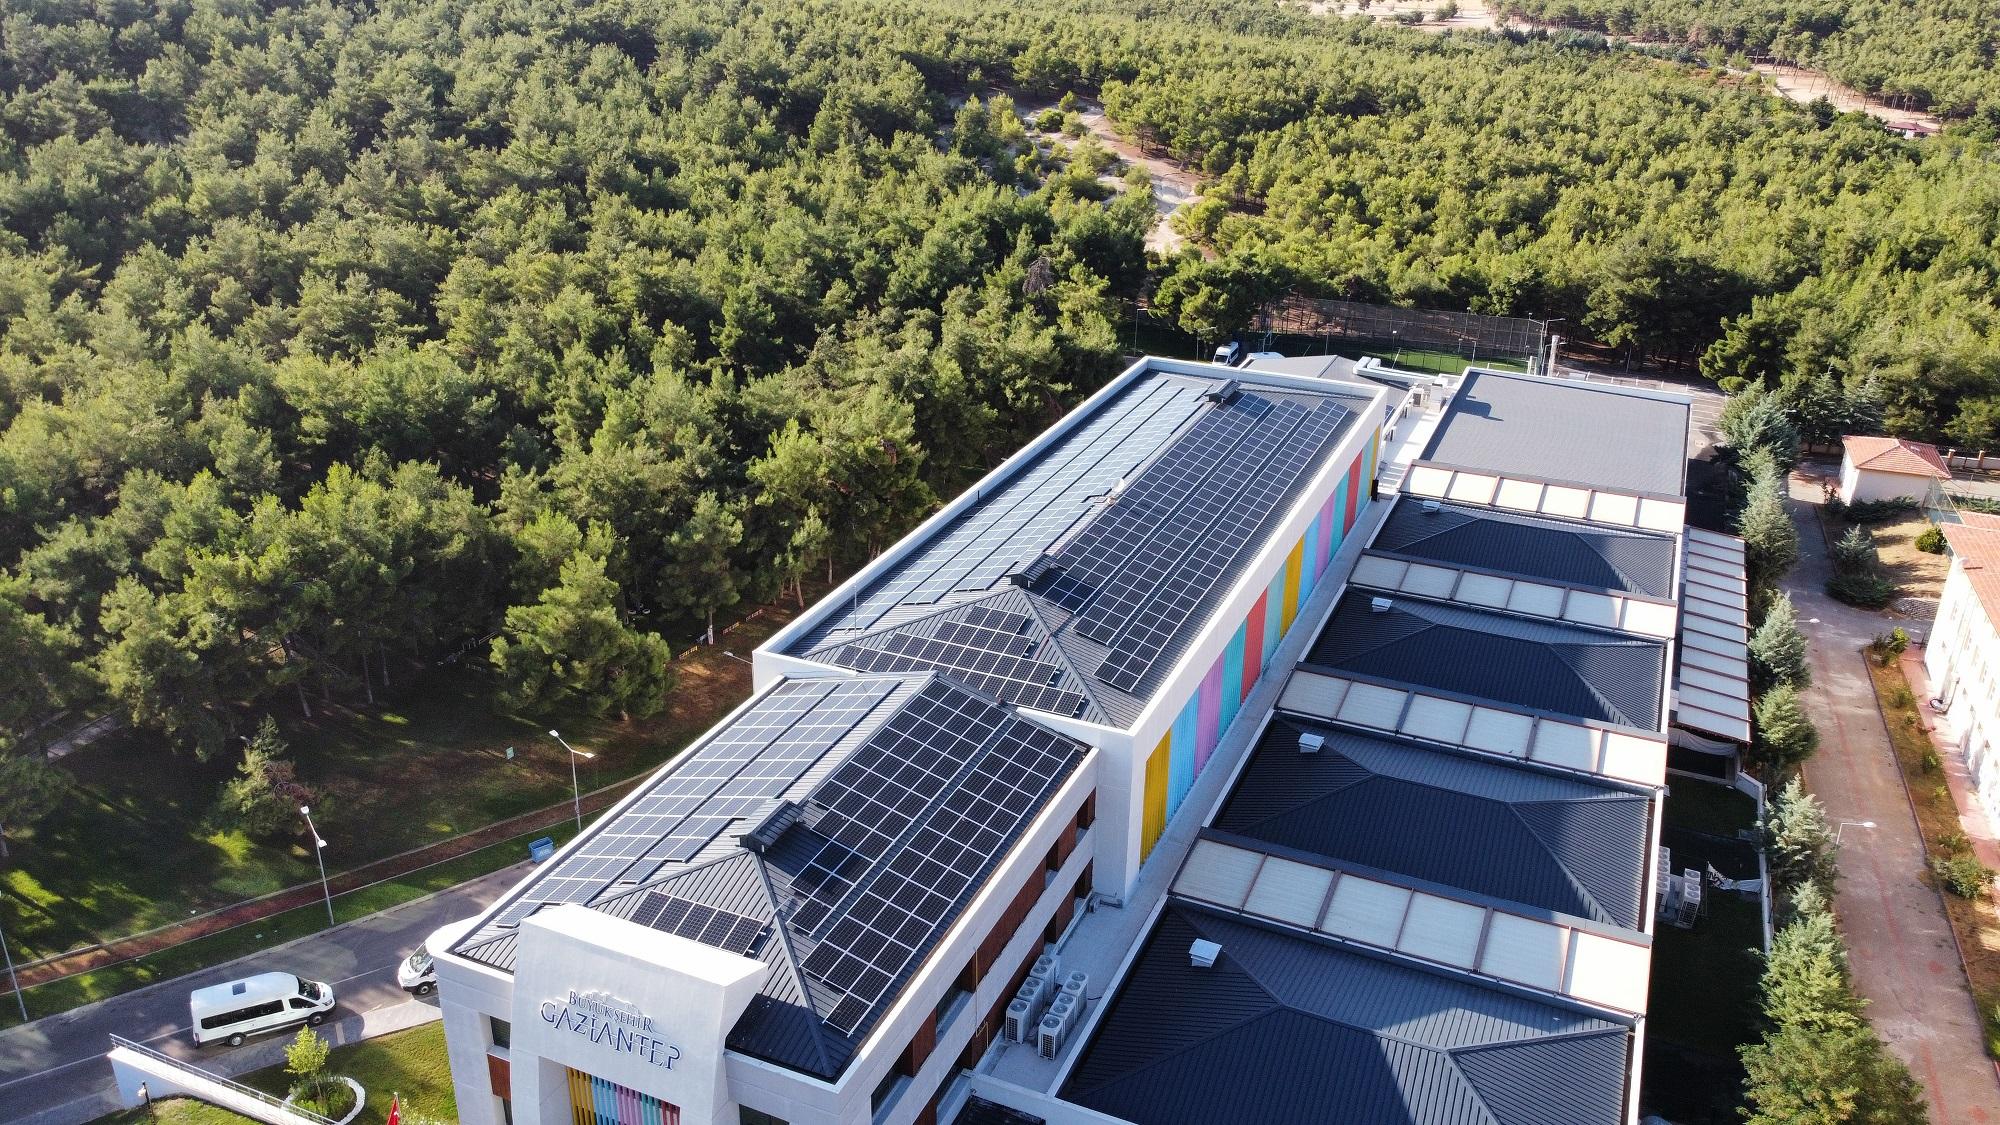 Gaziantep Büyükşehir, Engelsiz Yaşam Merkezi'nin Elektriğini Güneşten Sağlayacak